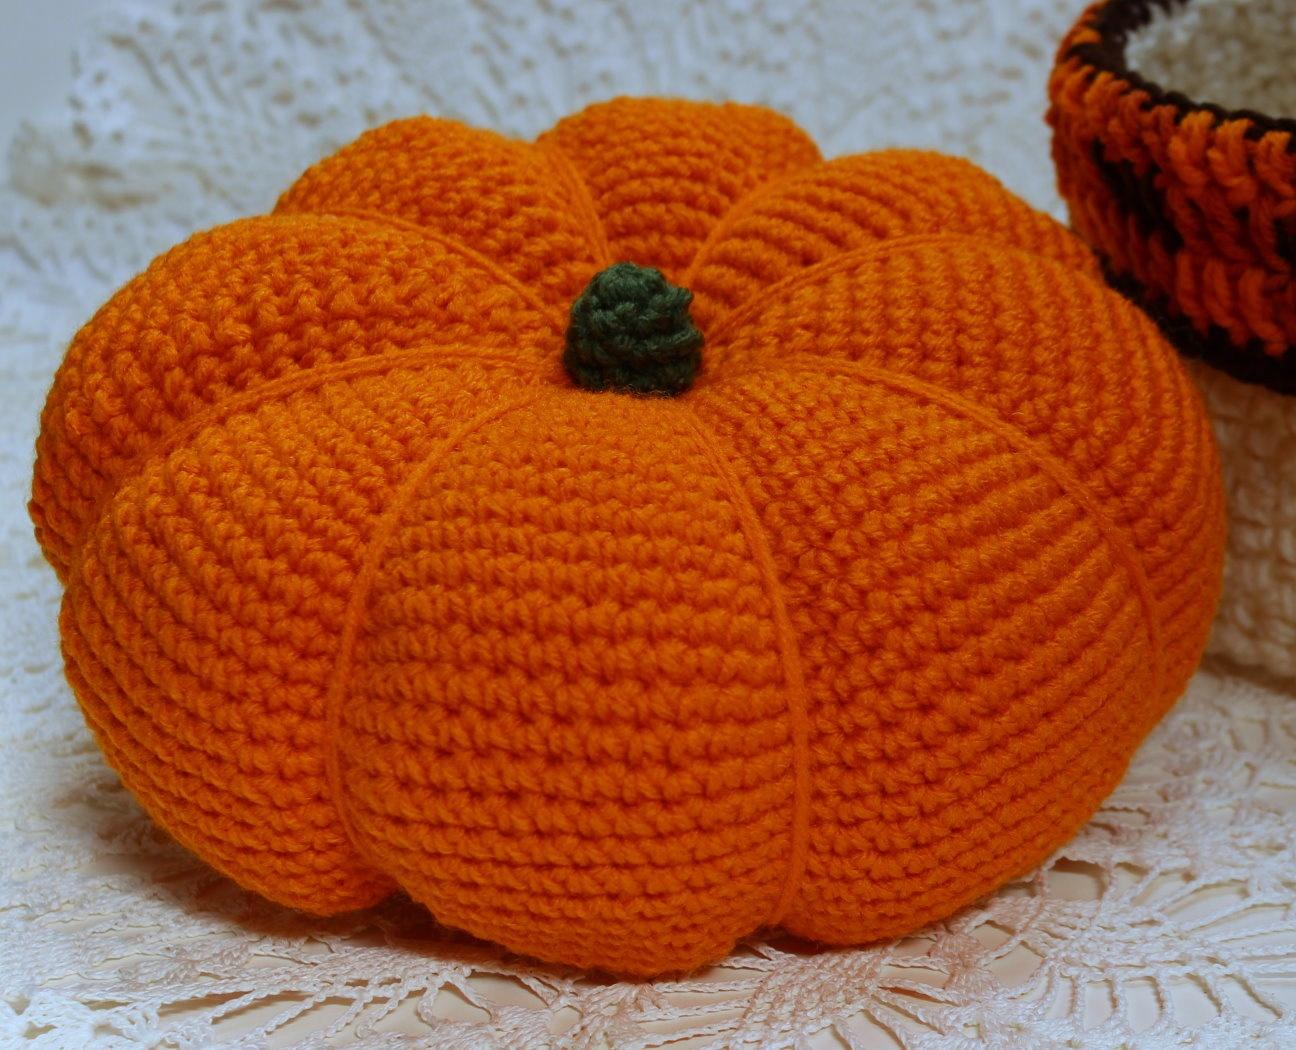 It's a Lovely Big Pumpkin